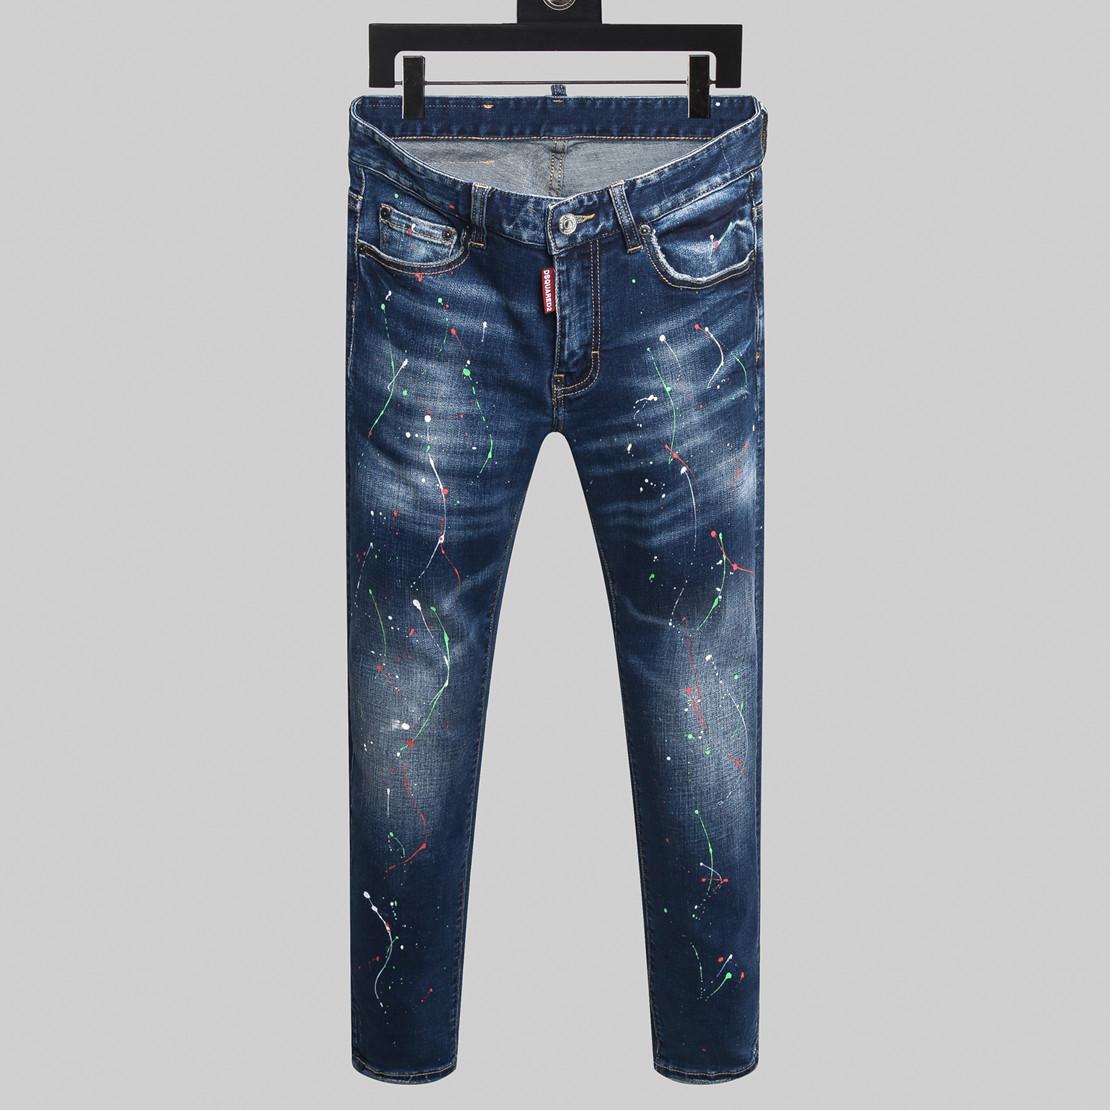 2020 высокое качество бренда джинсы моды для мужчин поп узкие брюки бегуна грузовые штаны мотоцикла мужские узкие джинсы